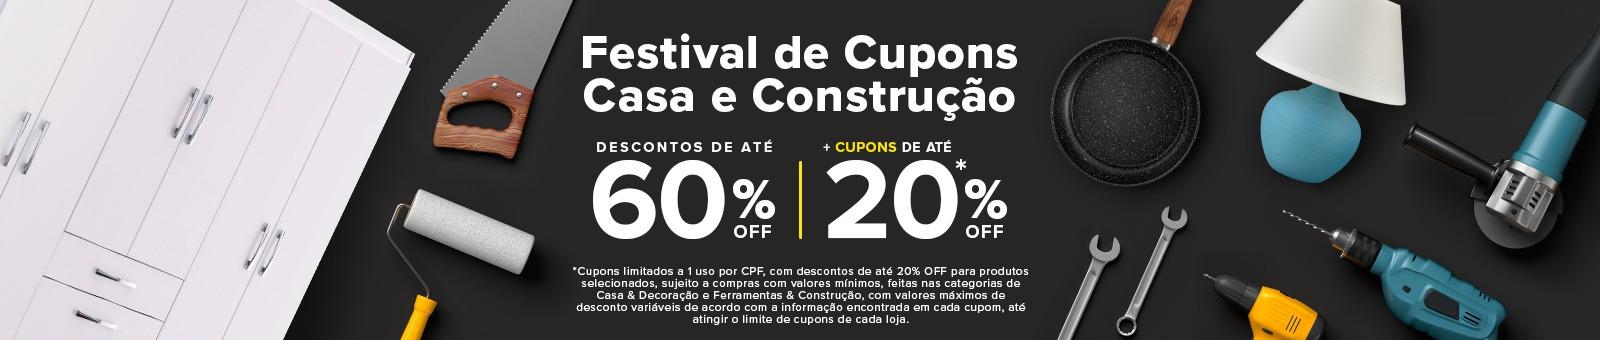 Festival da Casa E Construção